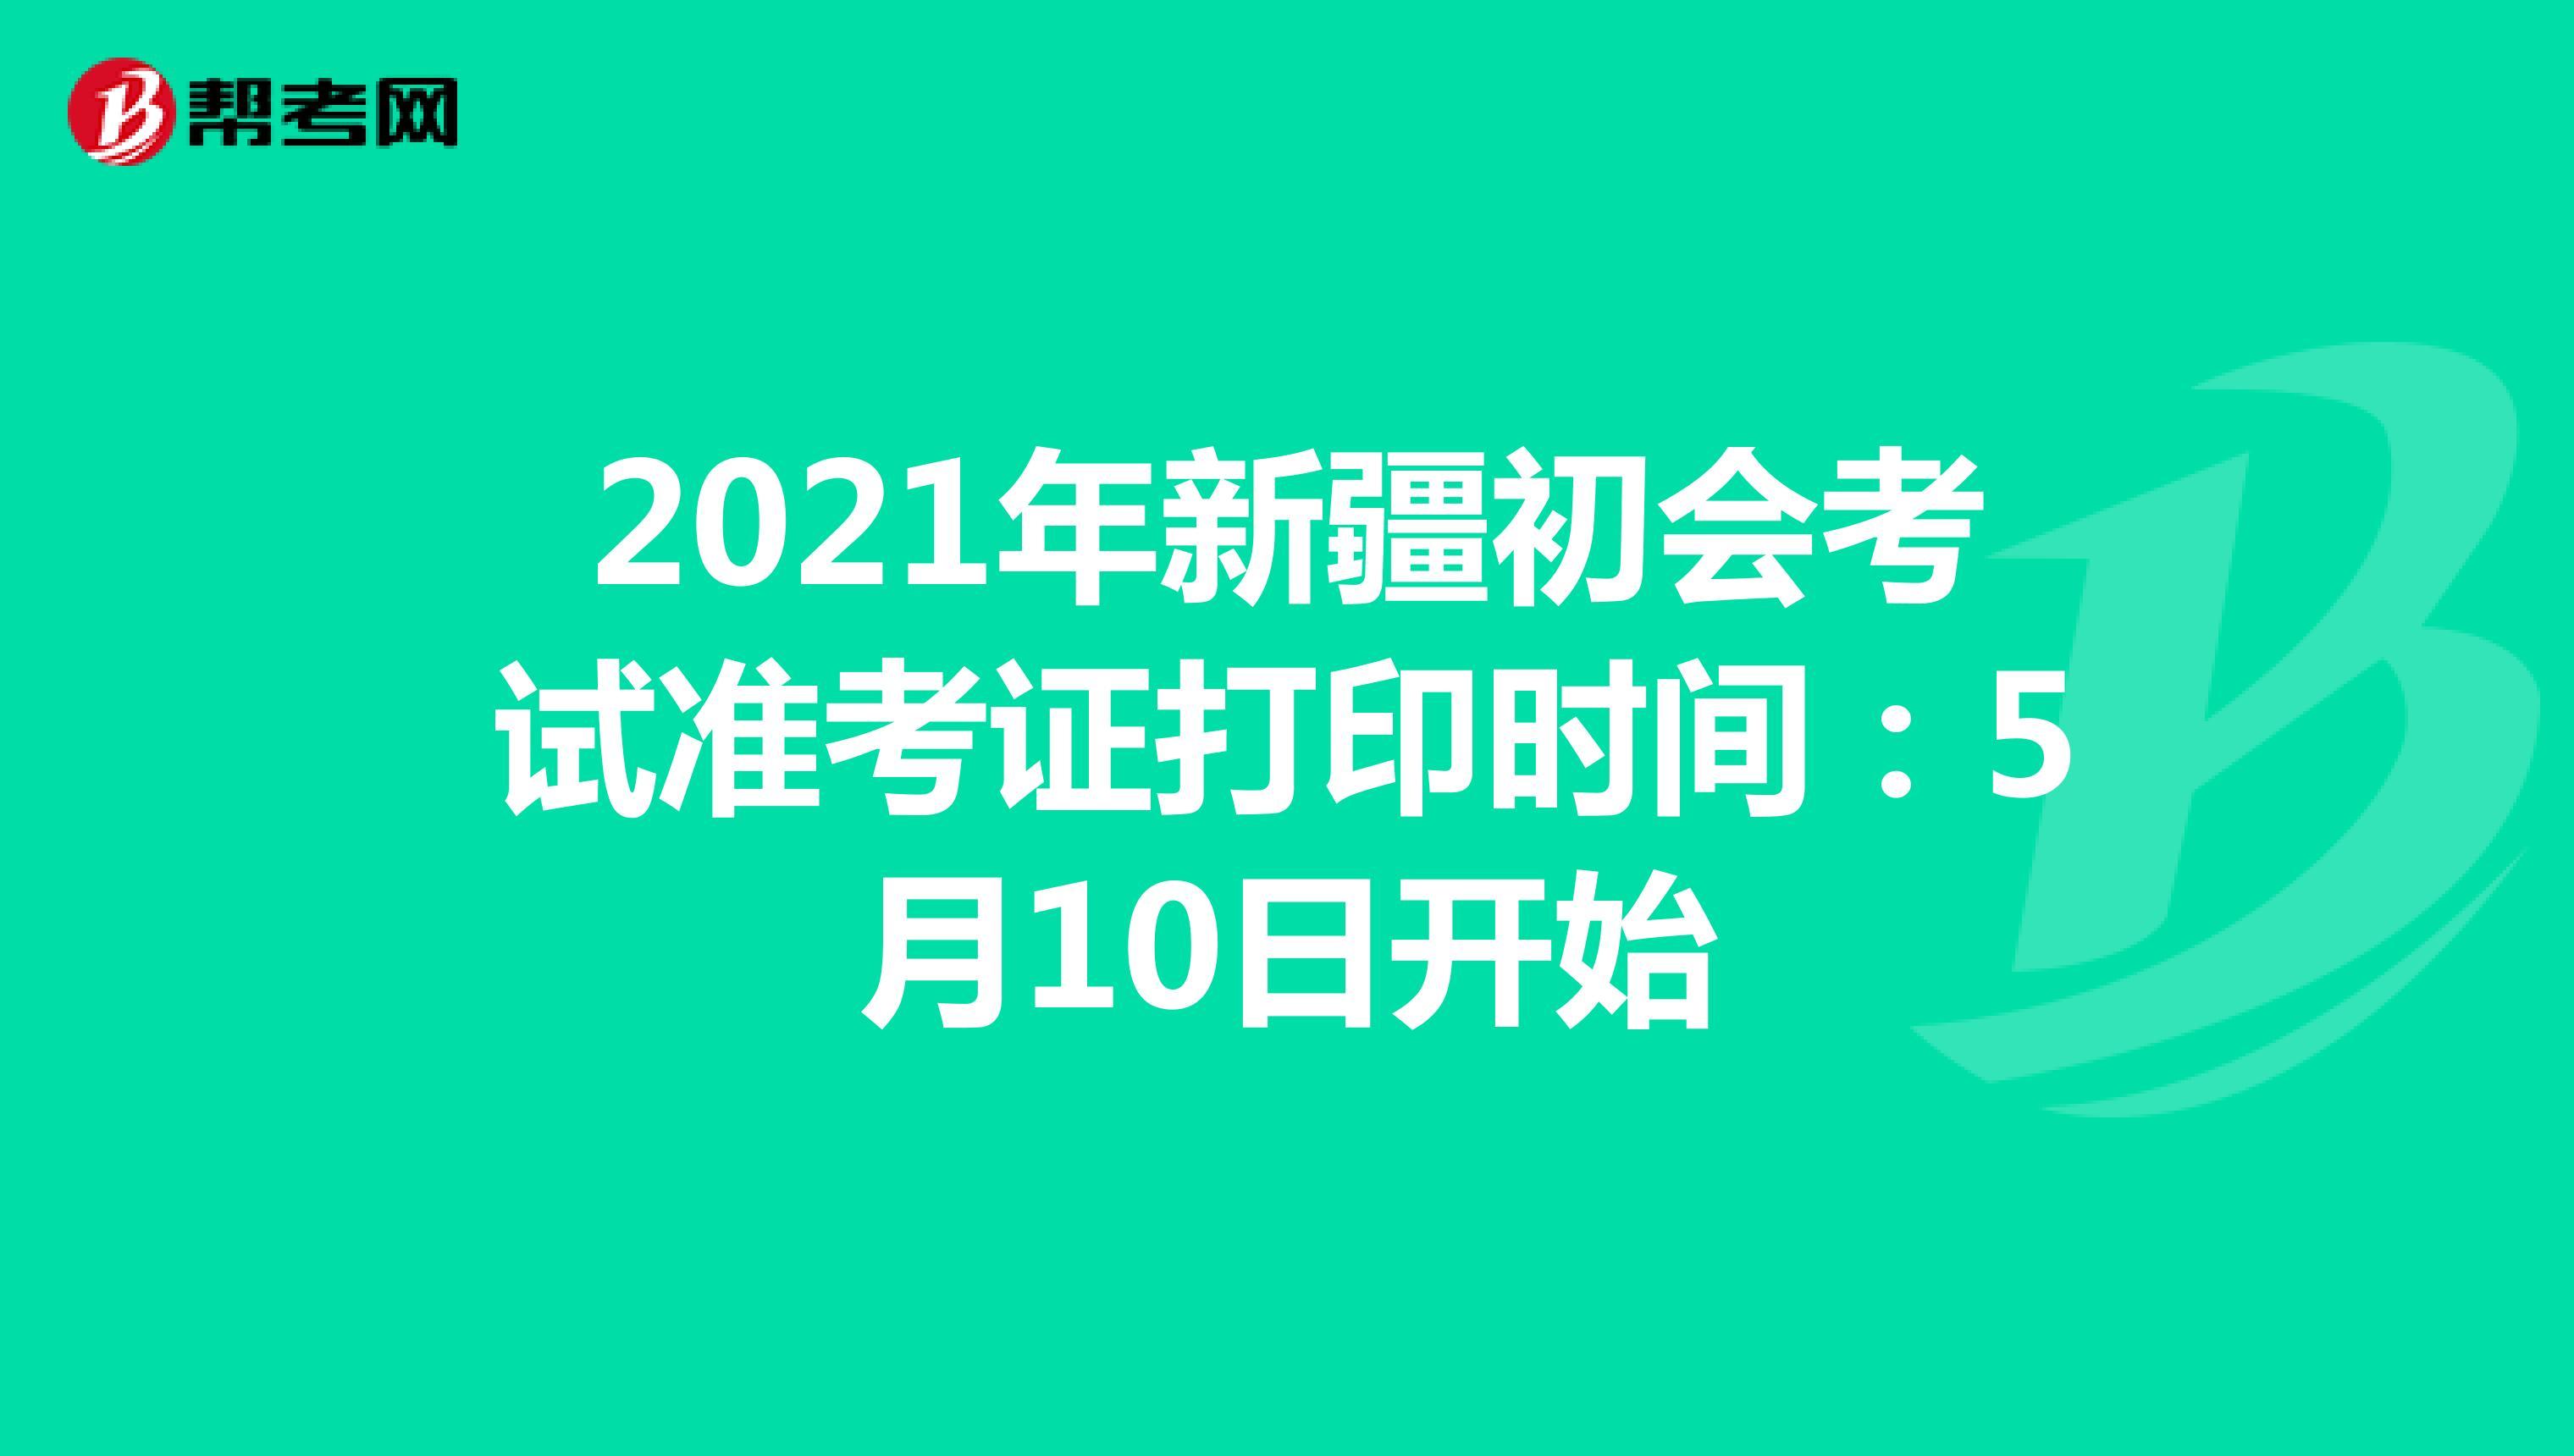 2021年新疆初会考试准考证打印时间:5月10日开始